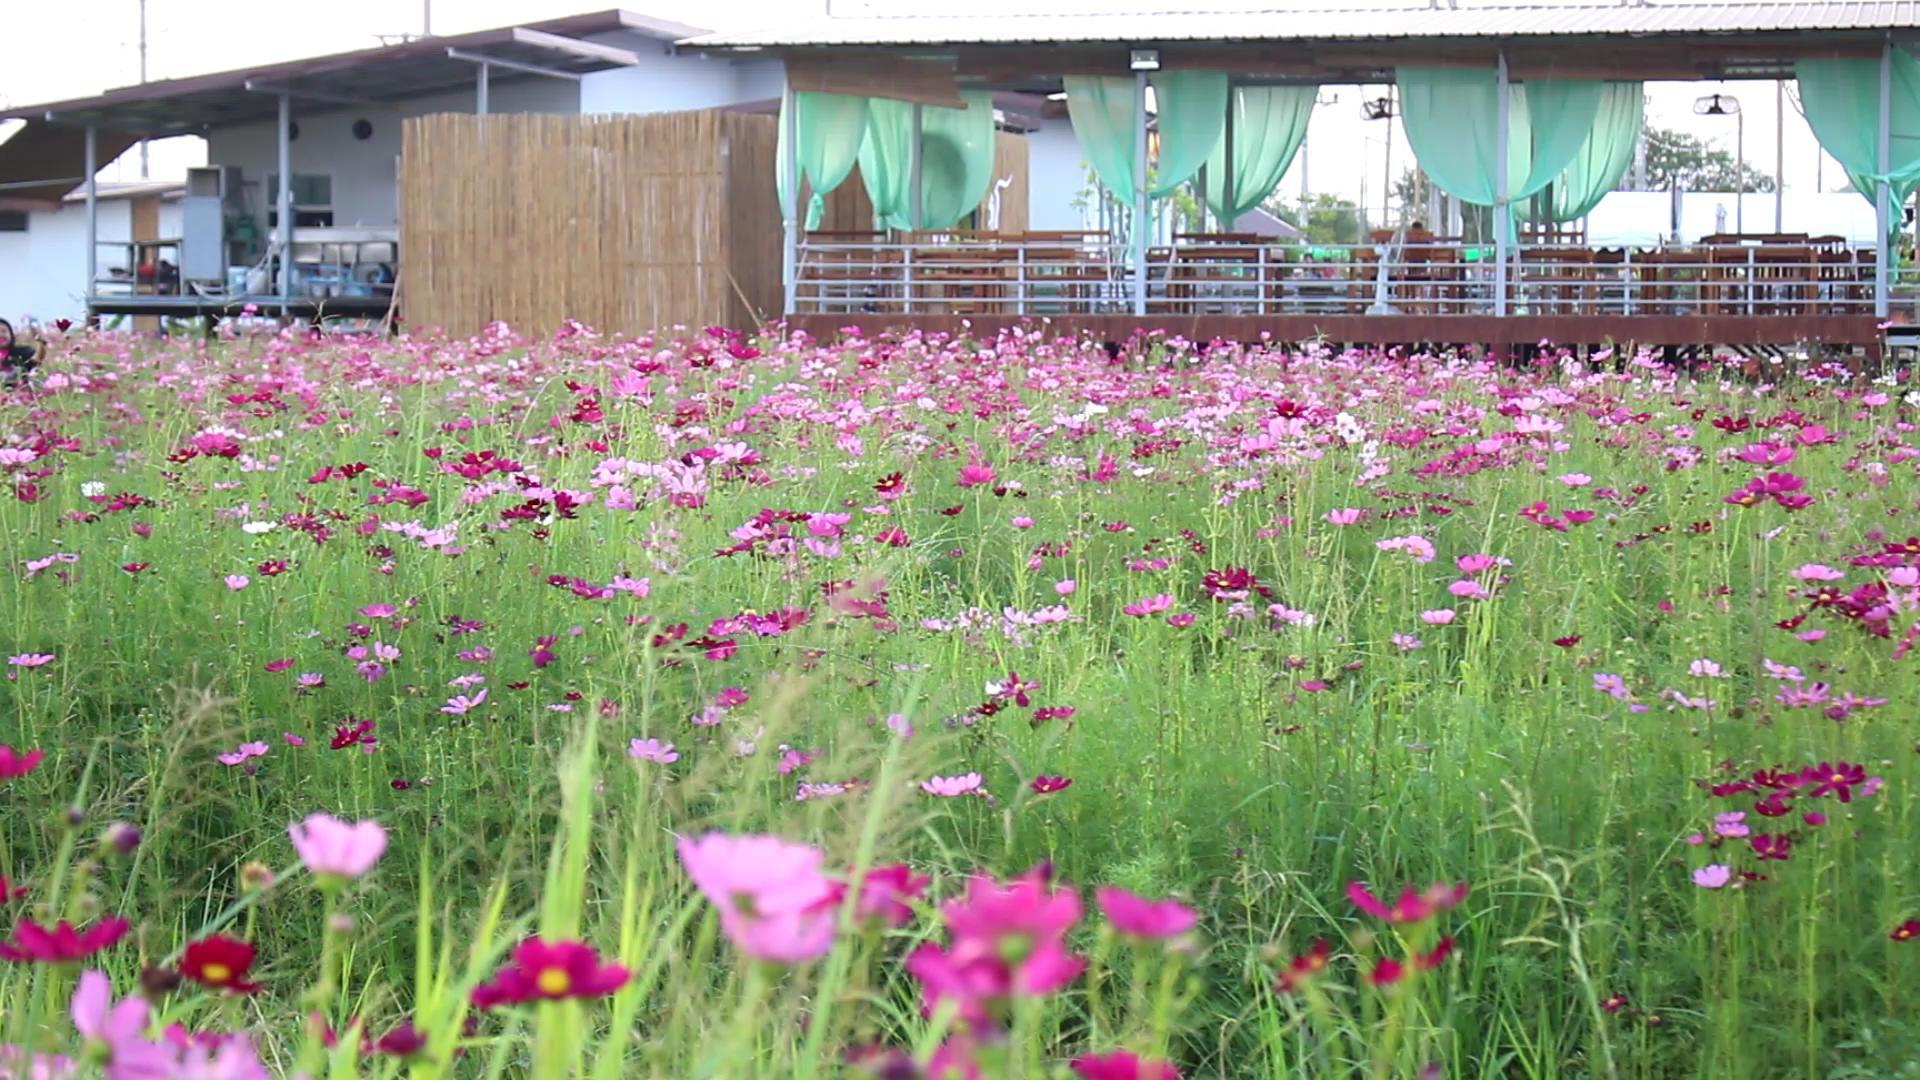 จิบกาแฟ ชิมขนมไทย ชมทุ่งดอกคอสมอส ณ บ้านภูมิจิต จ.ราชบุรี